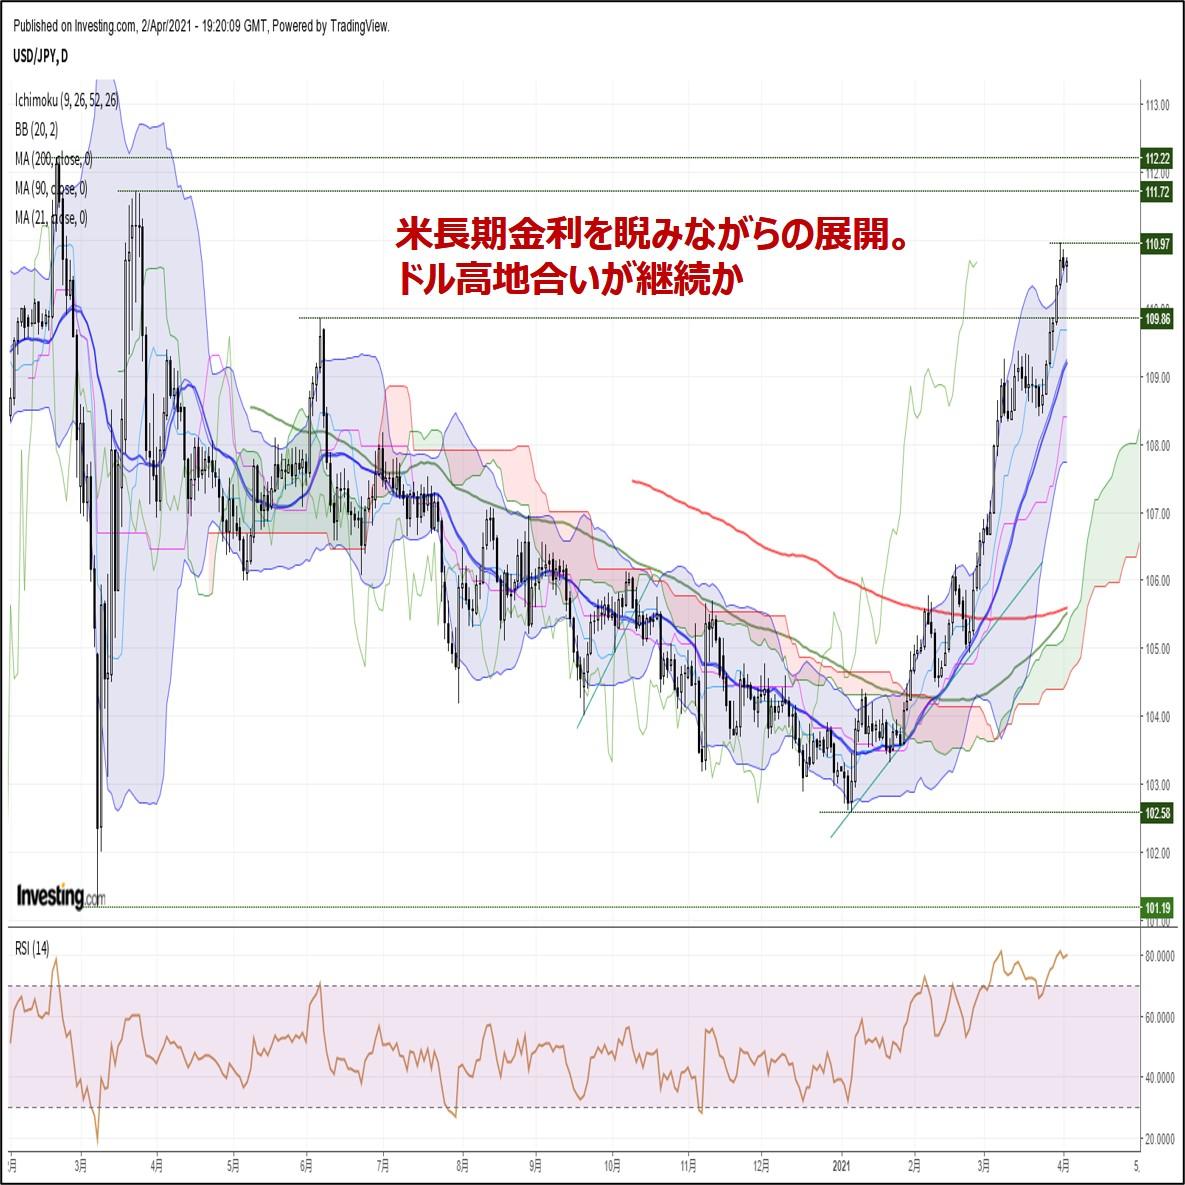 米長期金利を睨みながらの展開。ドル高地合いが継続か